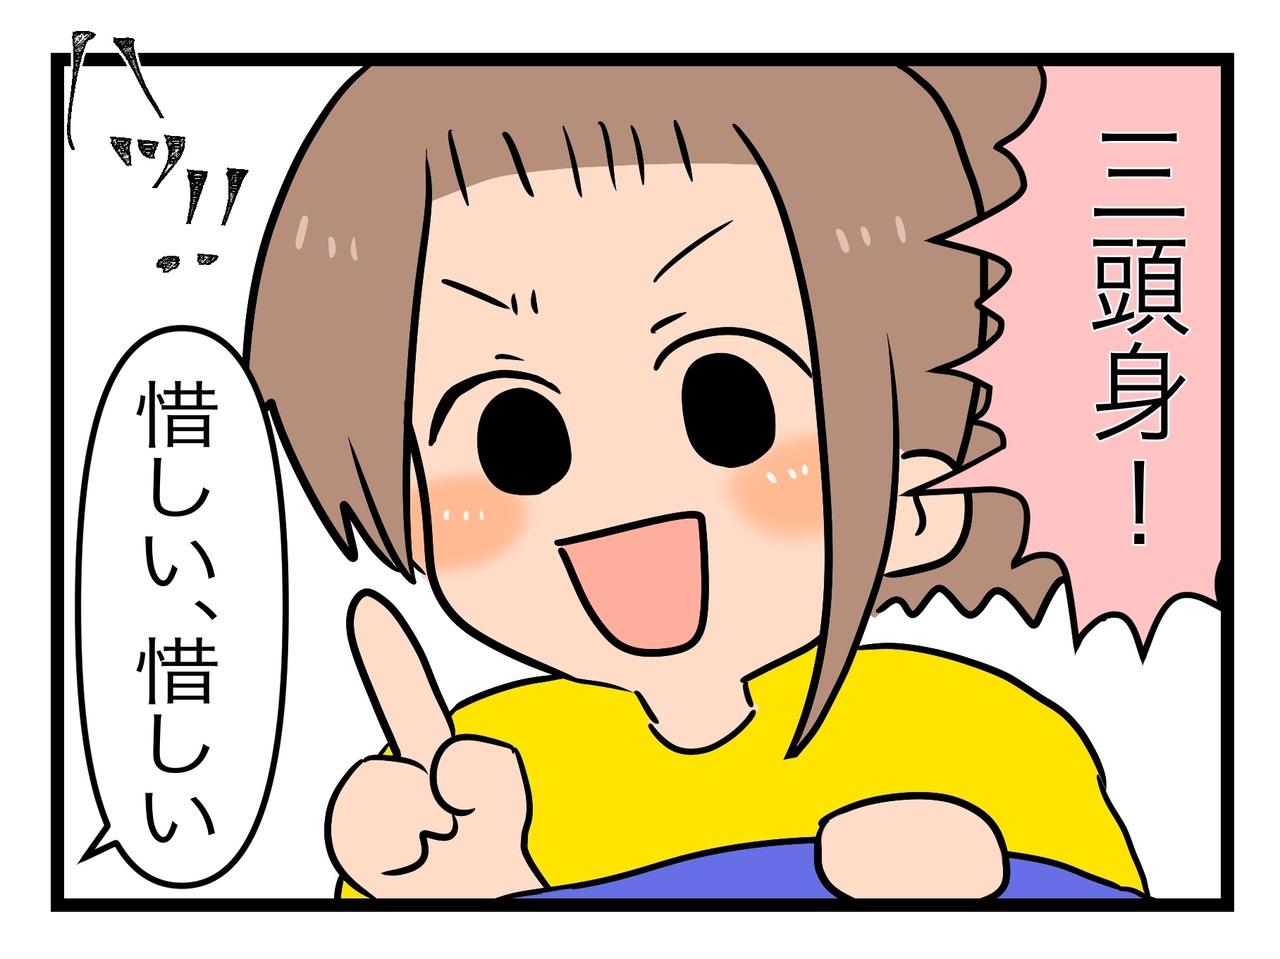 60CD8E4C-BAED-4799-BA78-8709002C78D2